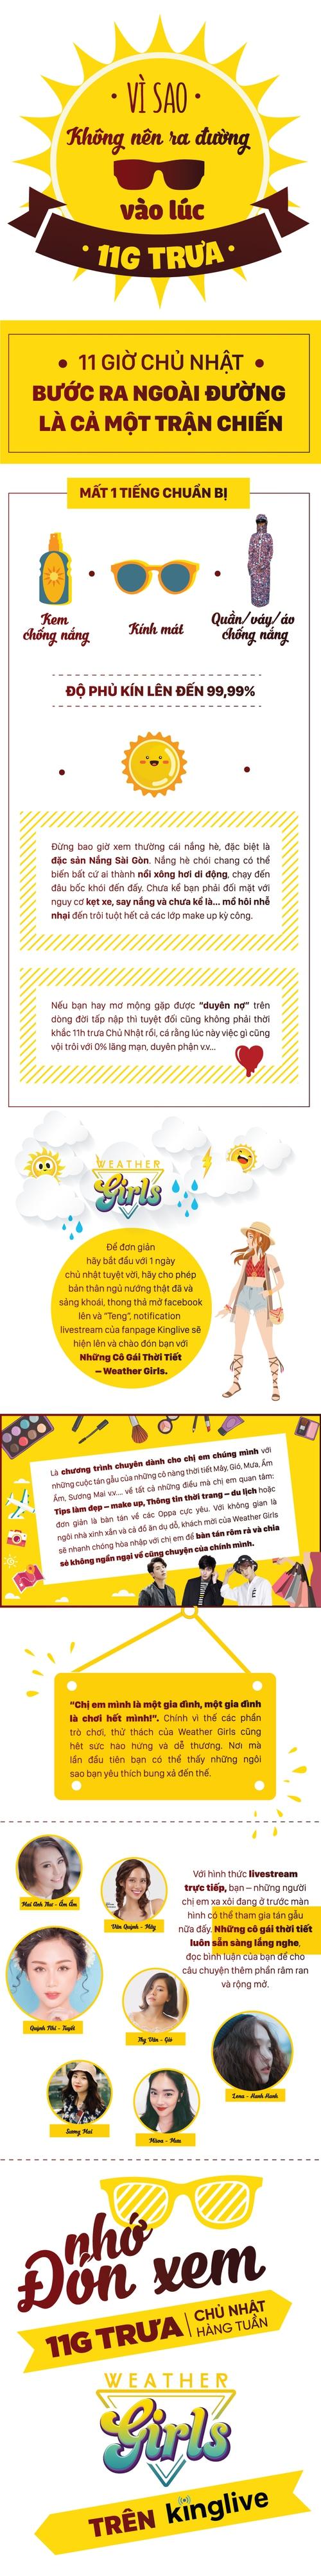 Weather Girls: Vì sao không nên ra đường lúc 11 giờ trưa? - Ảnh 1.